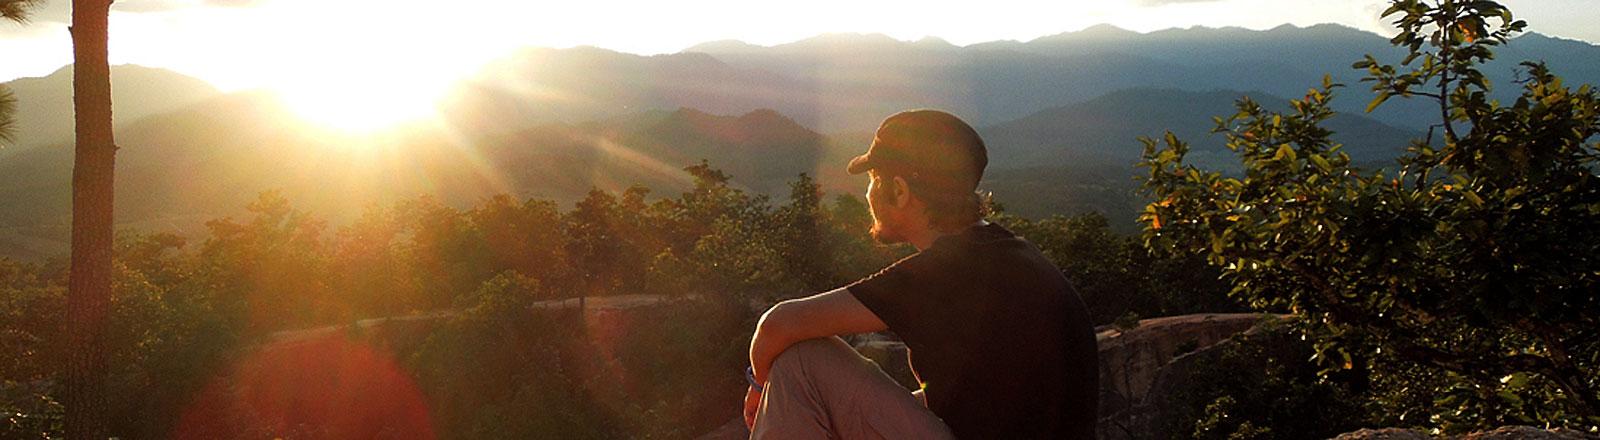 Reisejournalist Markus Steiner schaut in die Sonne